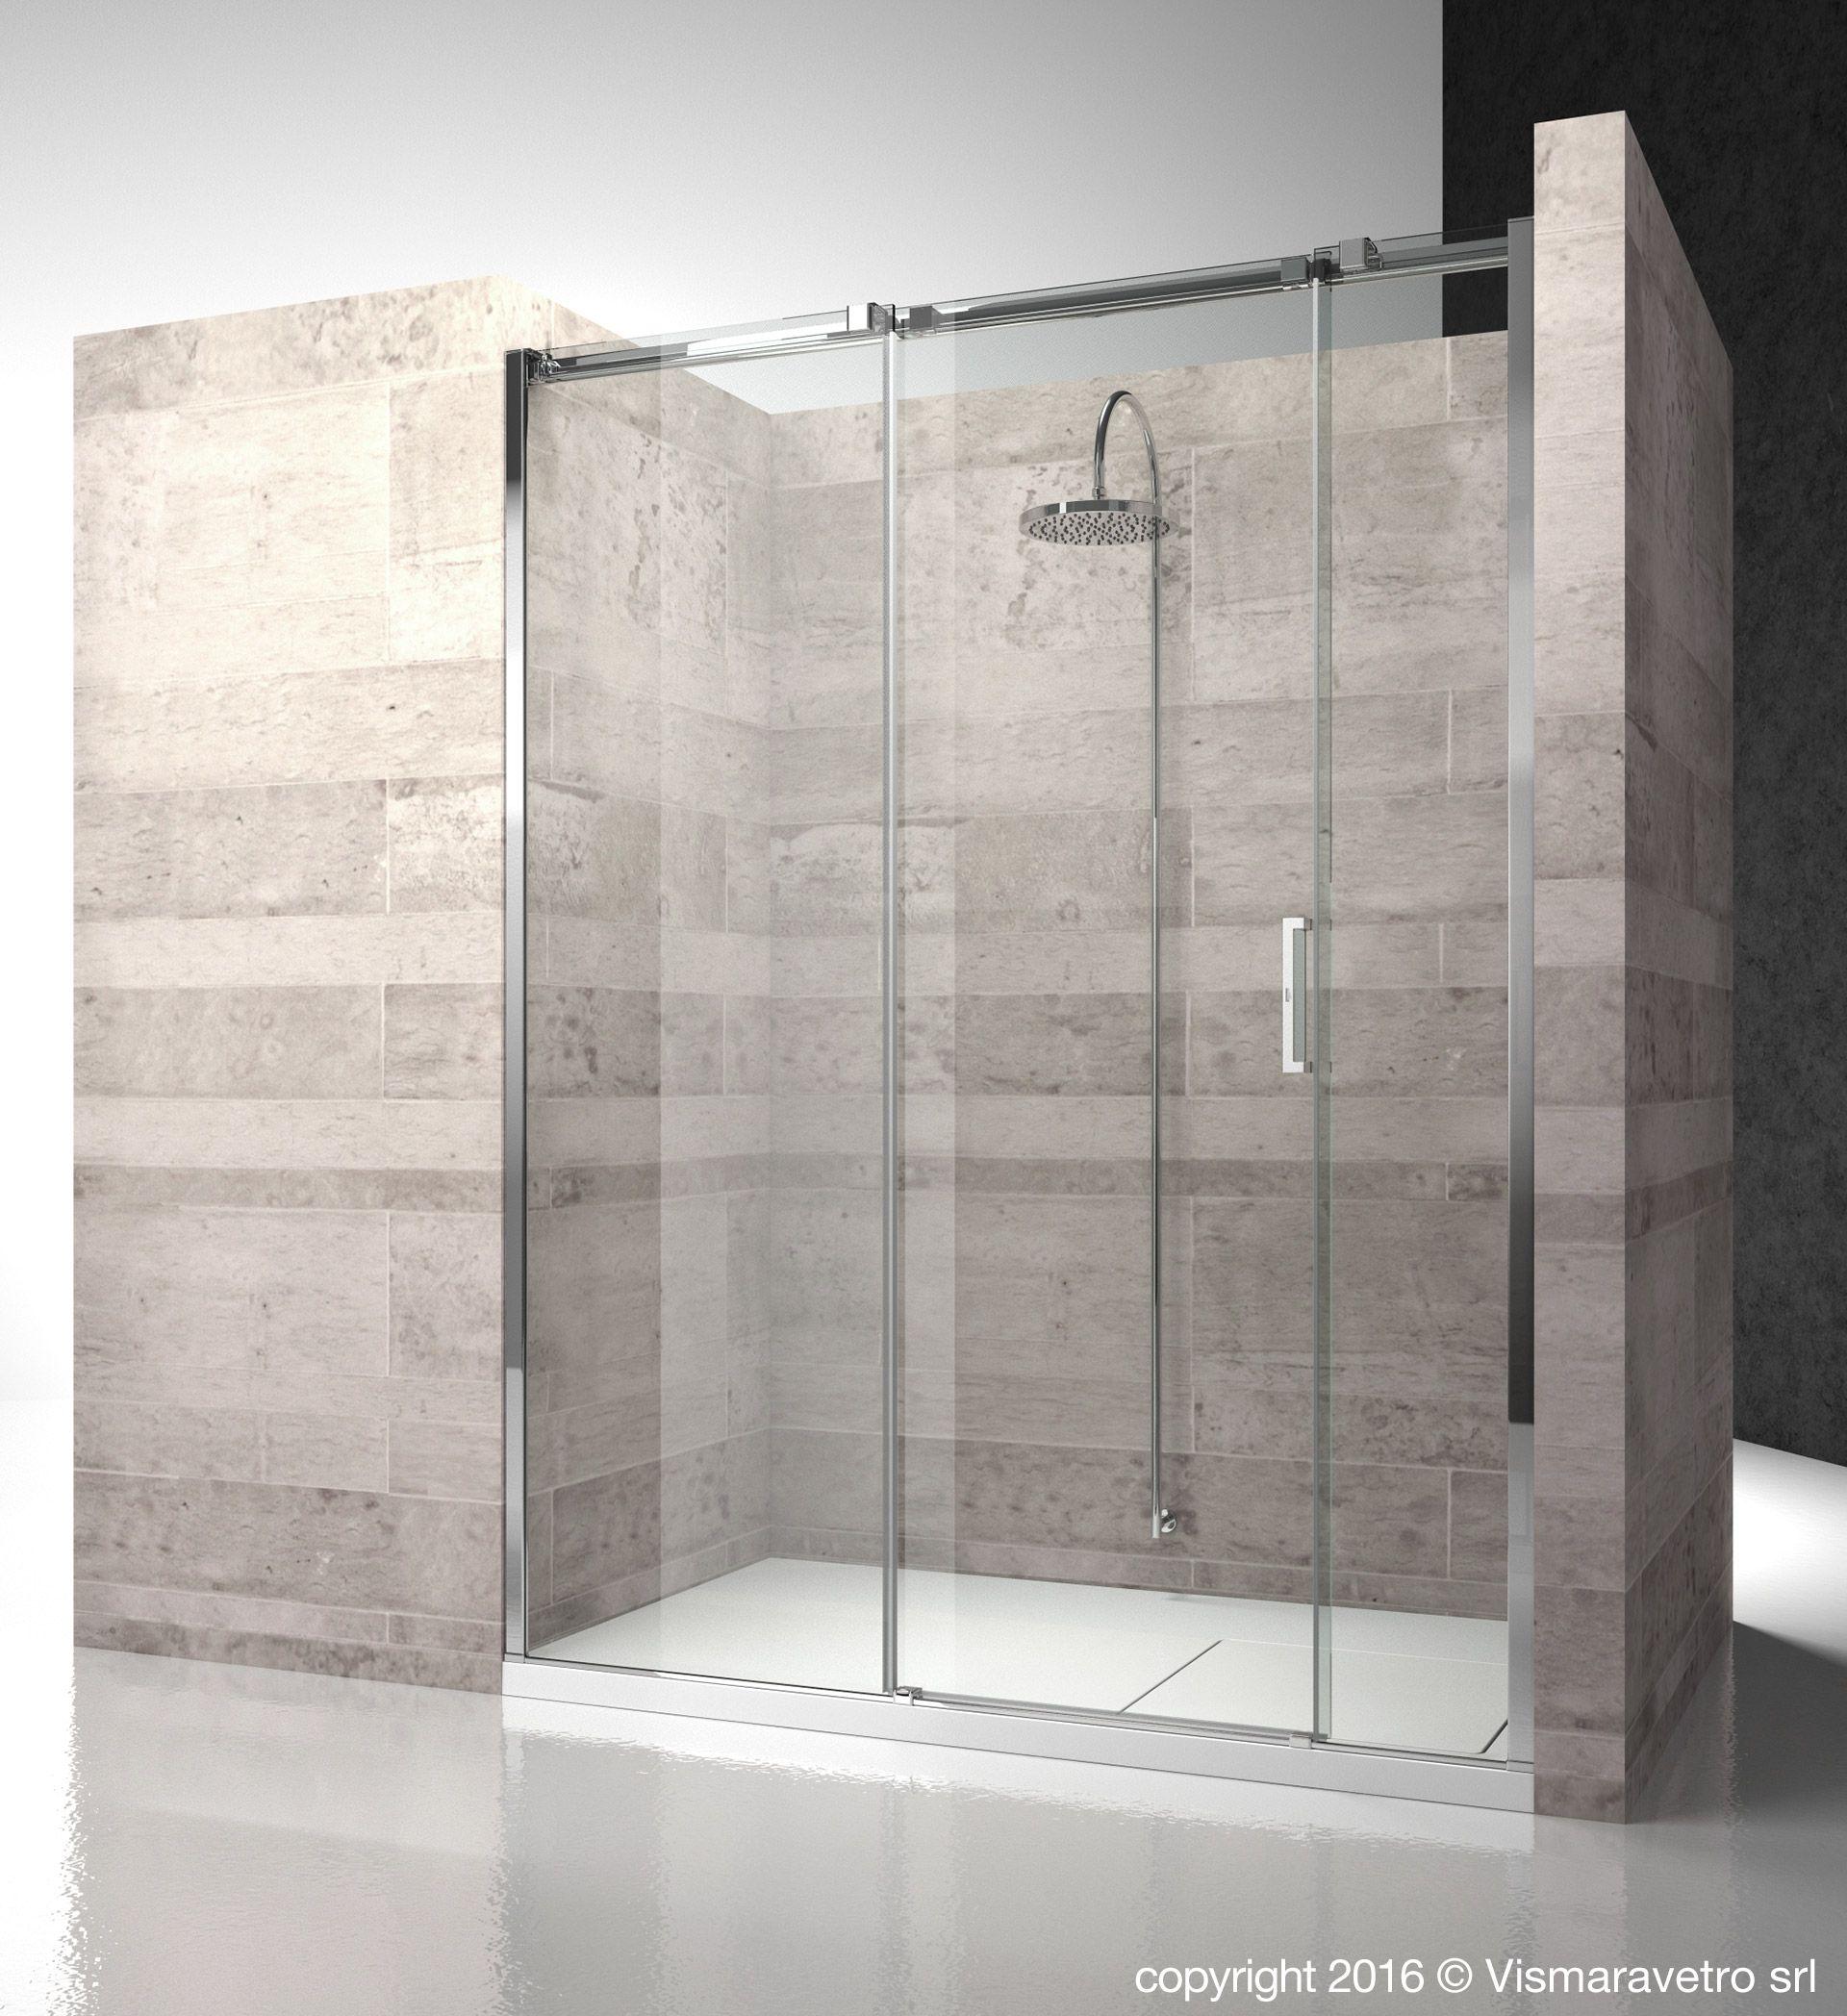 d3 : gliss modelli cabine doccia con apertura scorrevole | home in